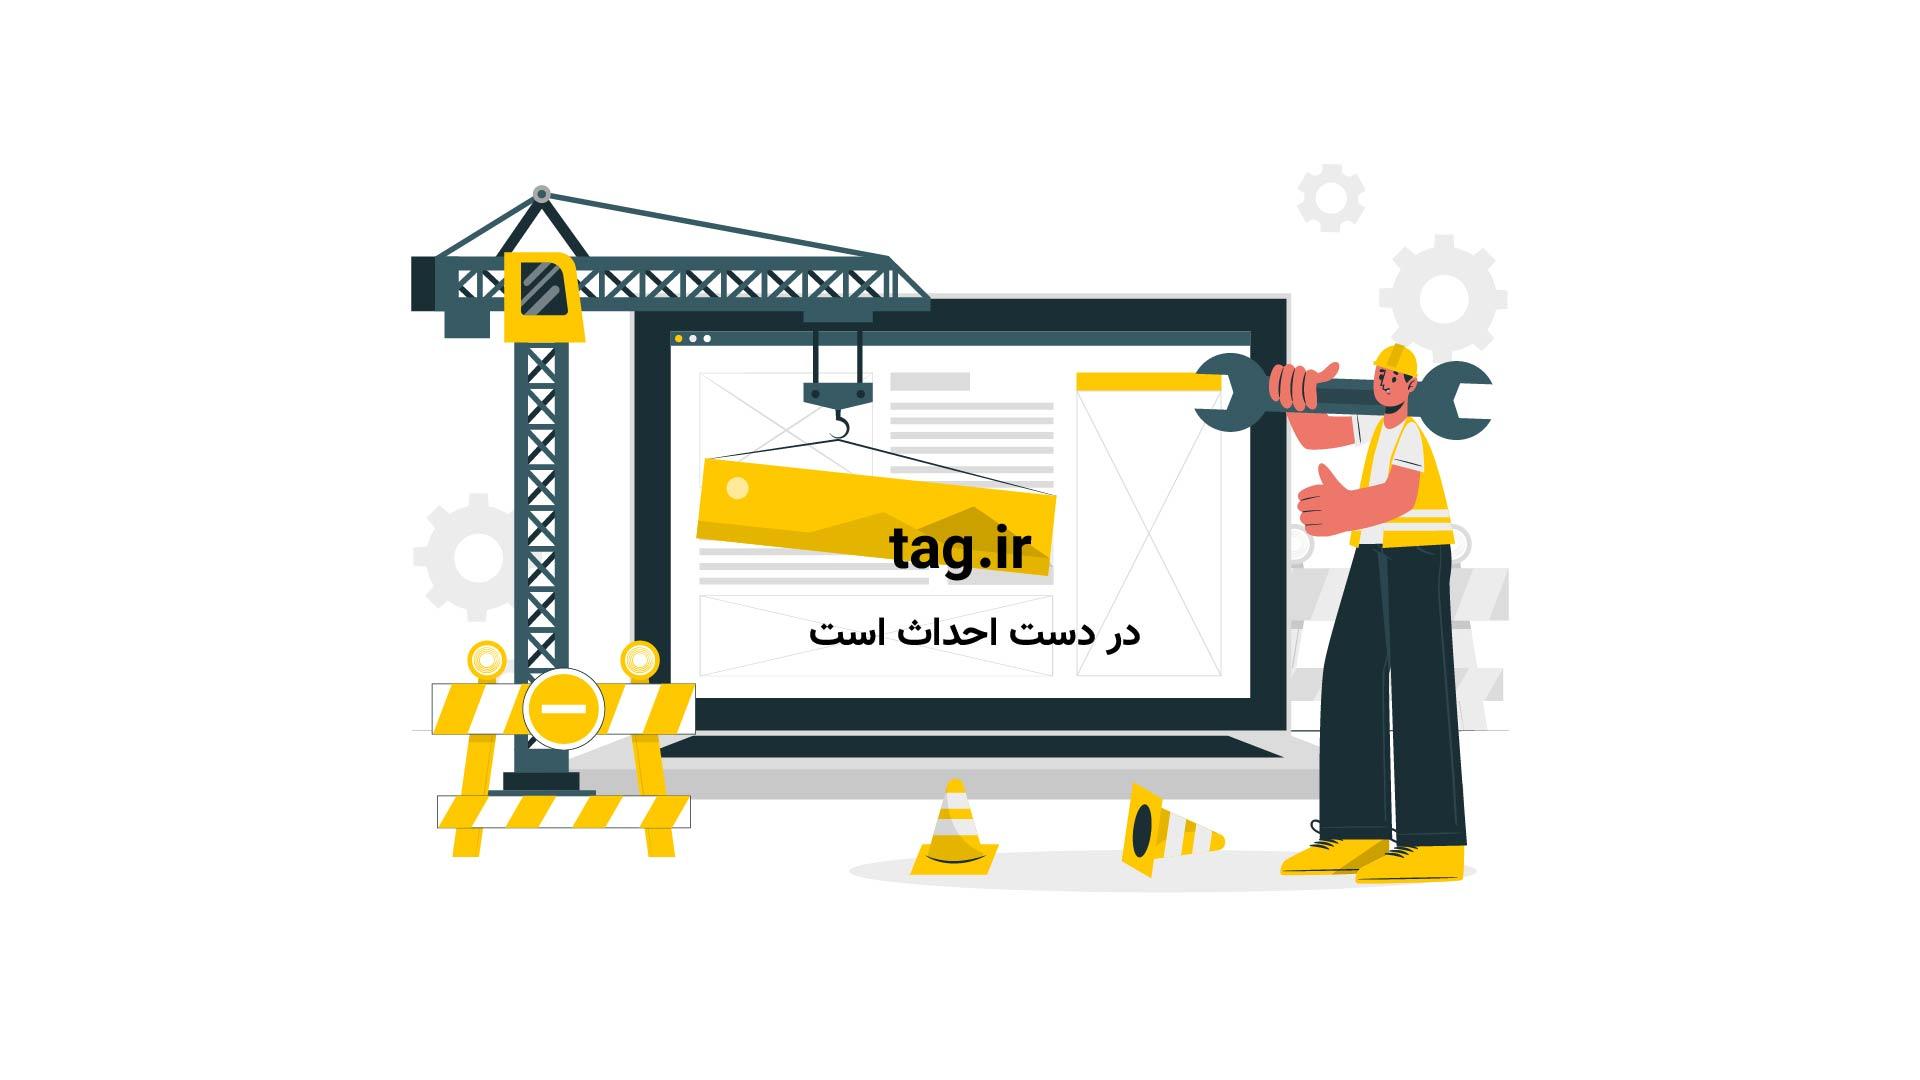 استندآپ کمدی مهران مدیری در رابطه با دسترسی مسئولان به حساب شهروندان | فیلم